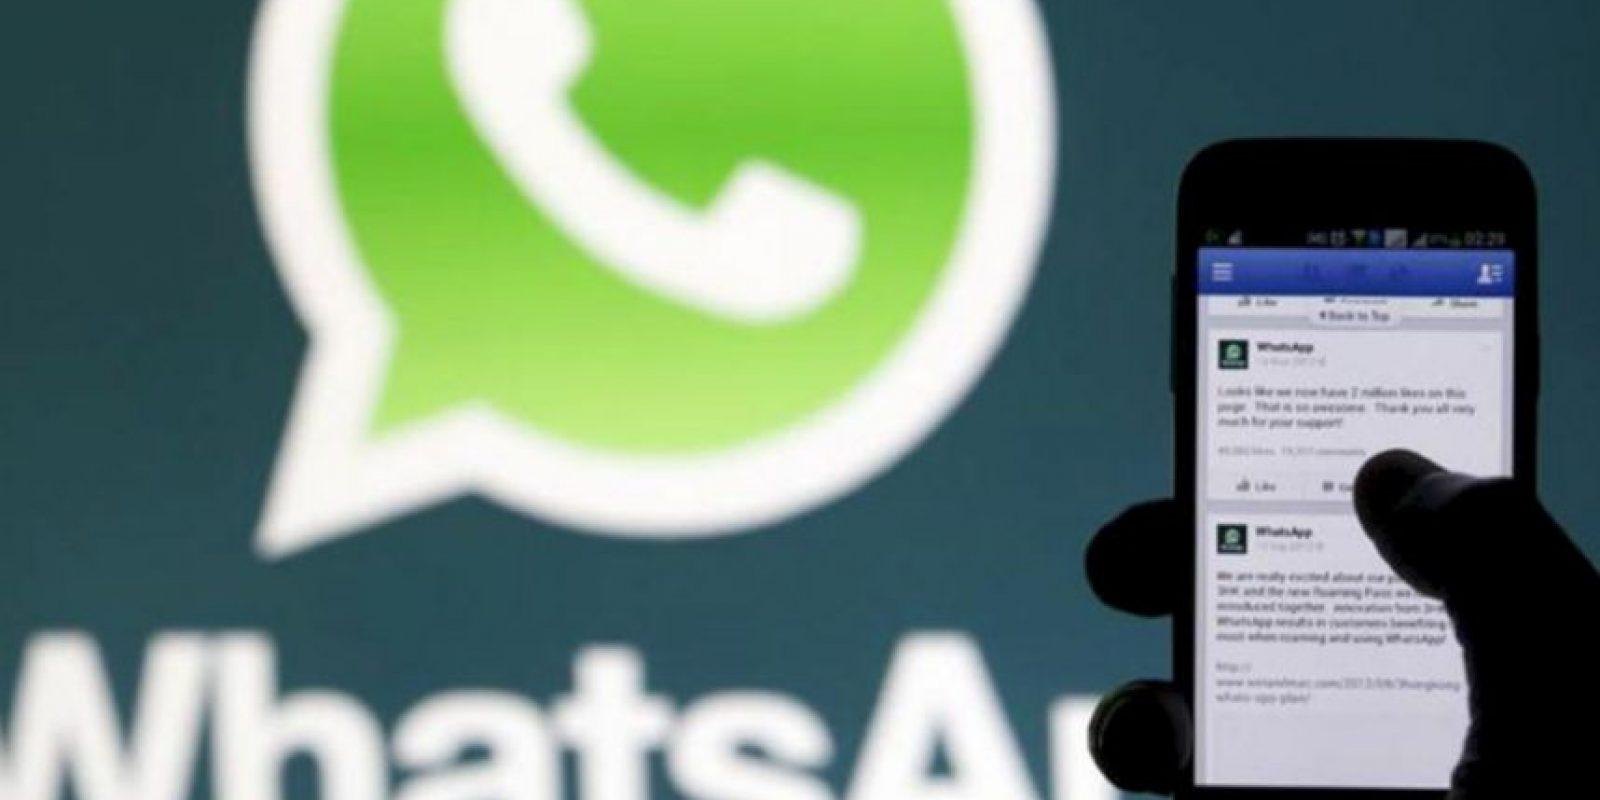 """¿Sabían que la aplicación puede acceder periódicamente a tu lista de contactos para """"localizar"""" a otros teléfonos móviles de personas que también usan WhatsApp? Foto:Tumblr"""